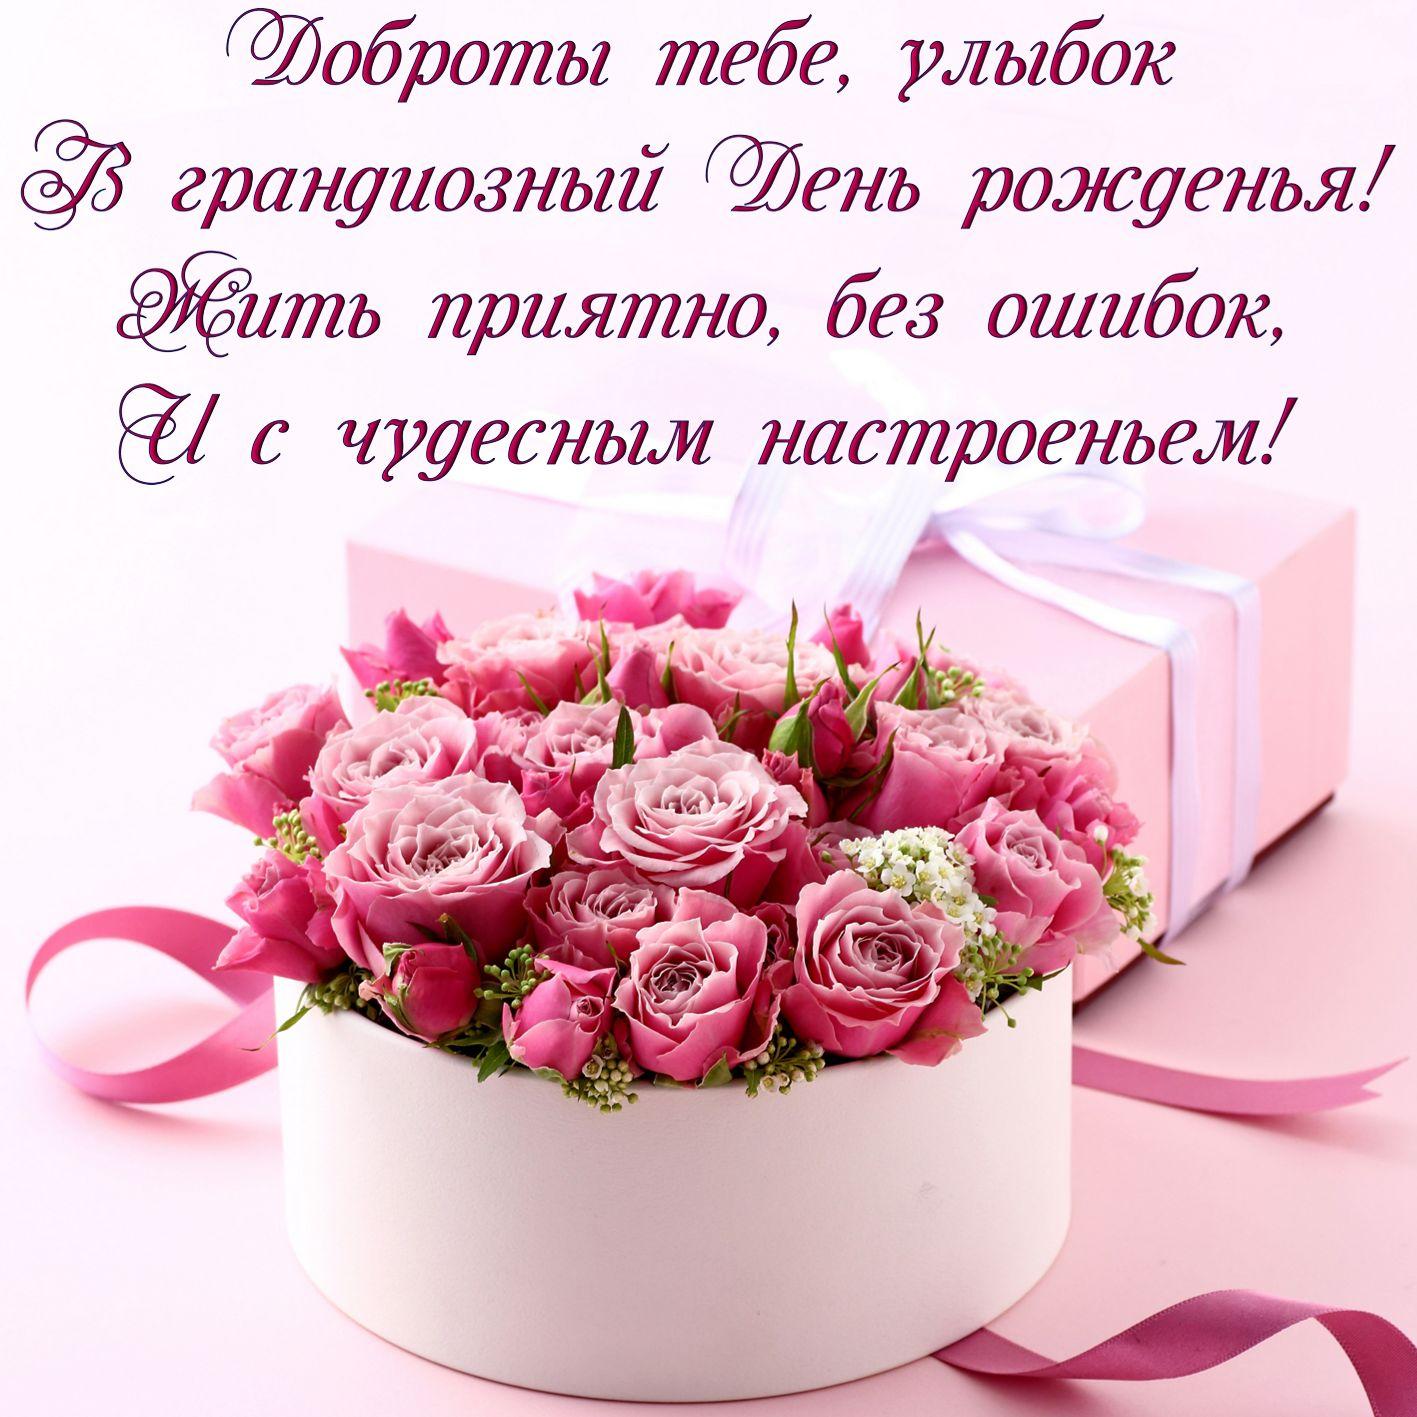 Очень красивые открытки с днем рождения с пожеланиями цветами